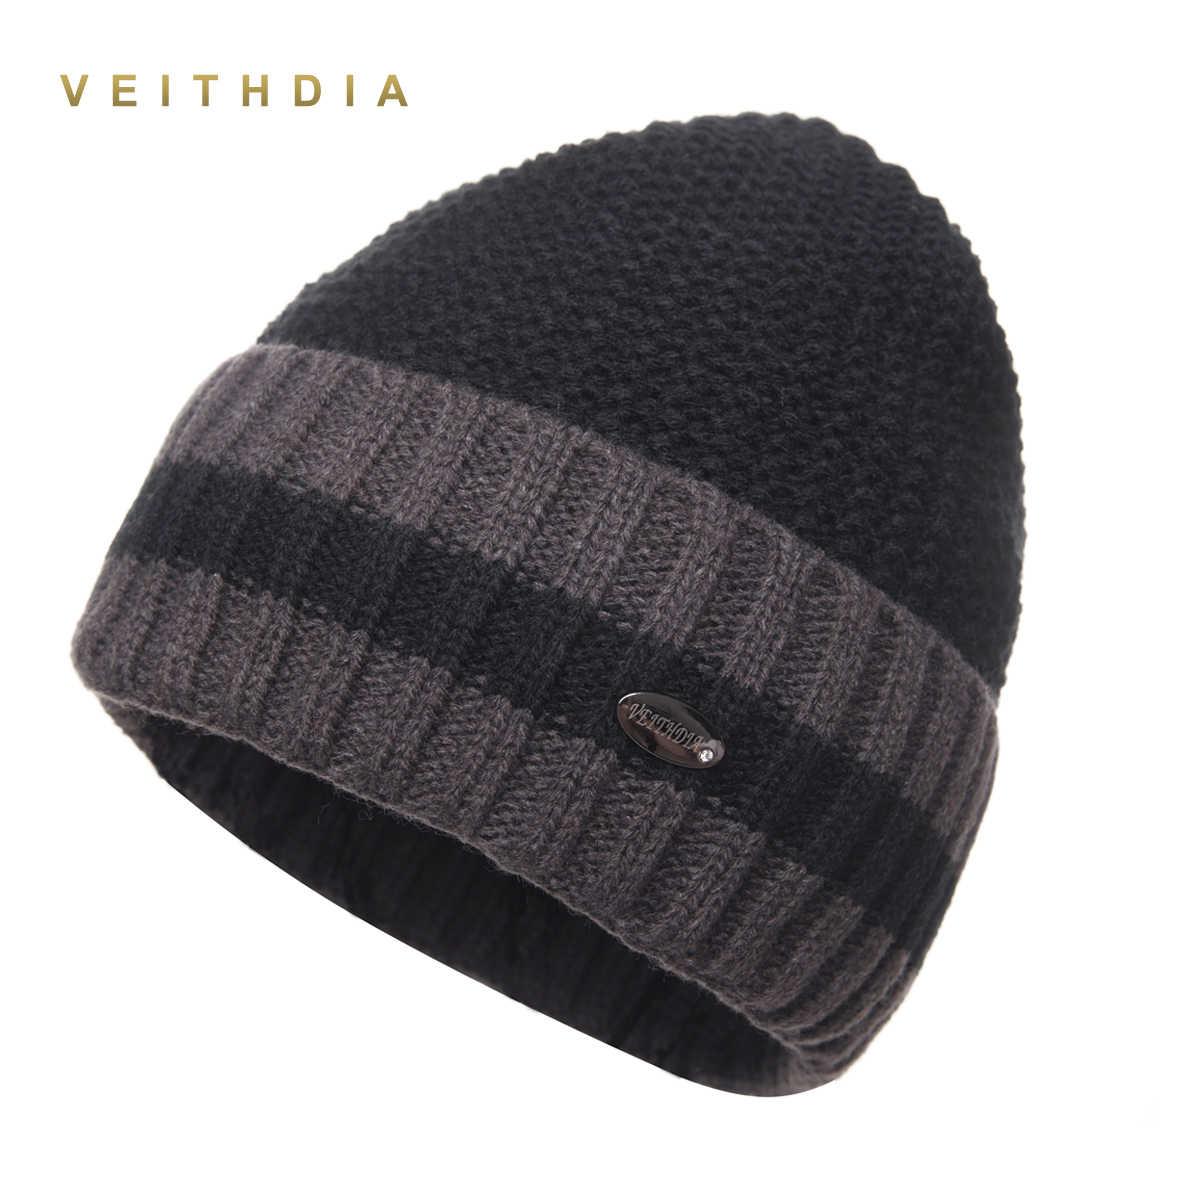 VEITHDIA Pineapple Skullies Hats For Men beanies Knitted plus velvet  Patchwork Color Cap Winter Men s Hat eacd30272bd